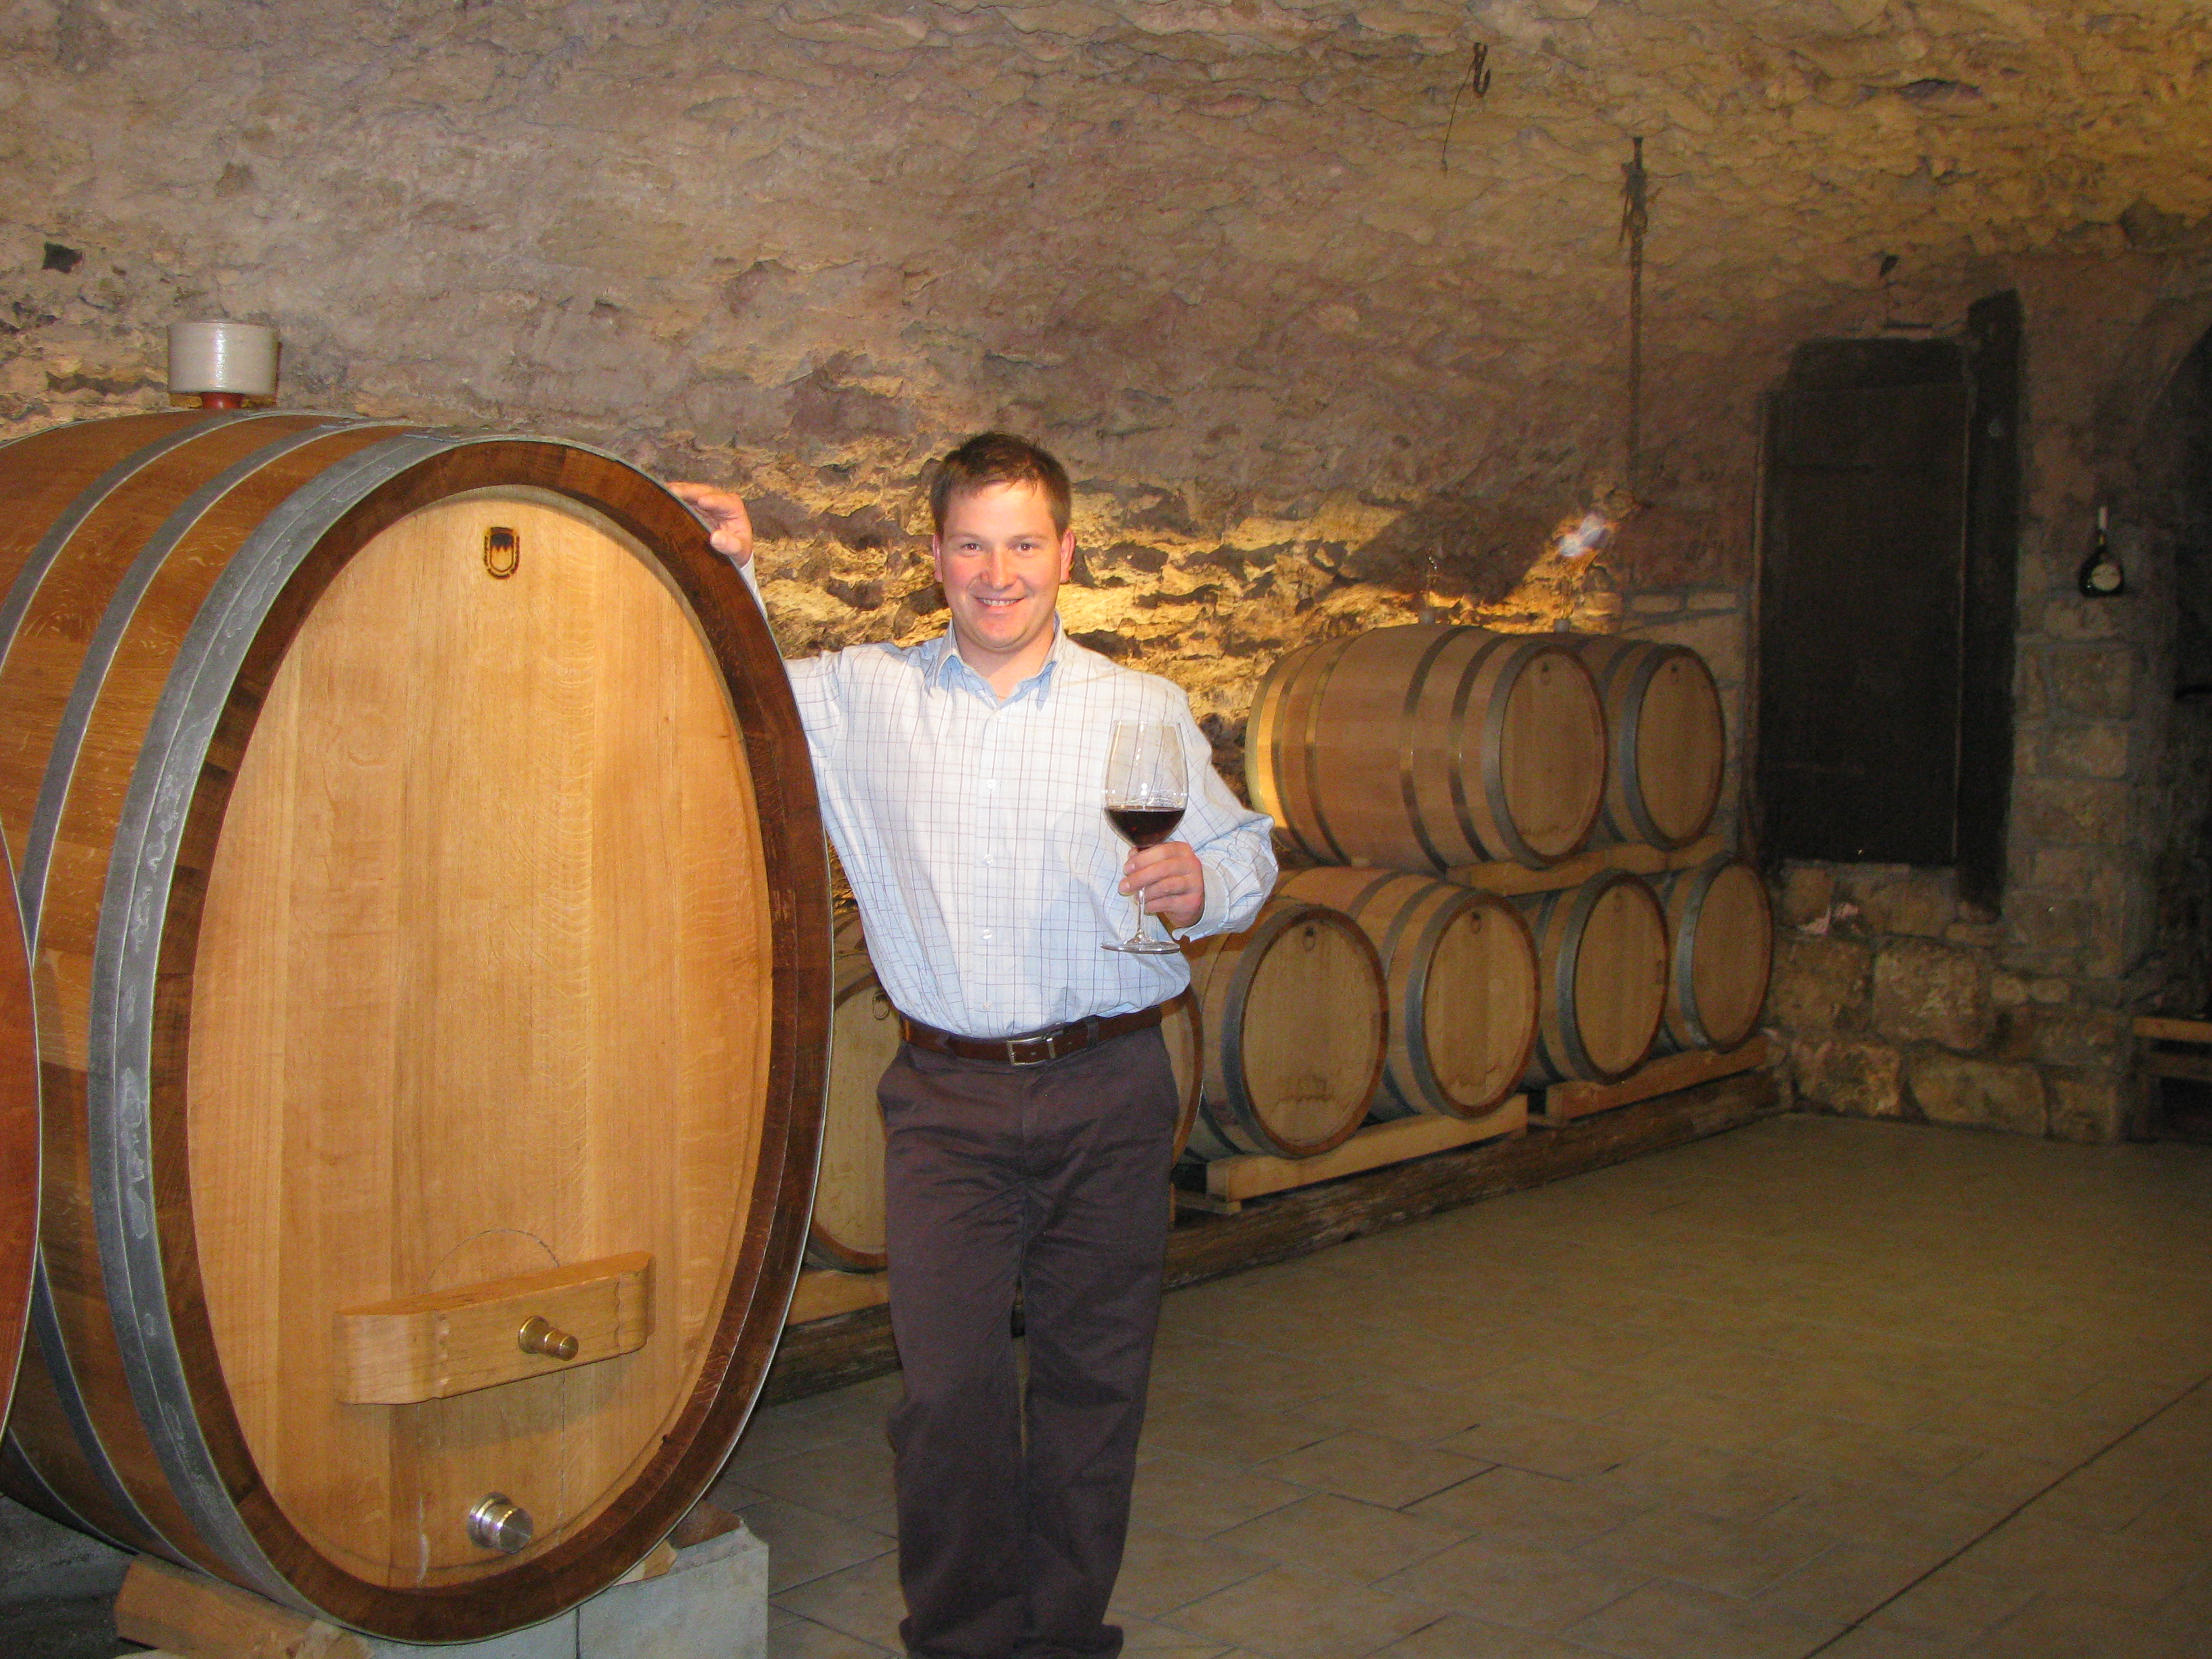 Klaus Höfling lächelnd im urigen Weinkeller. Unter anderem wird der fruchtige, trockene Qualitätswein namens Domina in Barrique-Fässern gelagert.